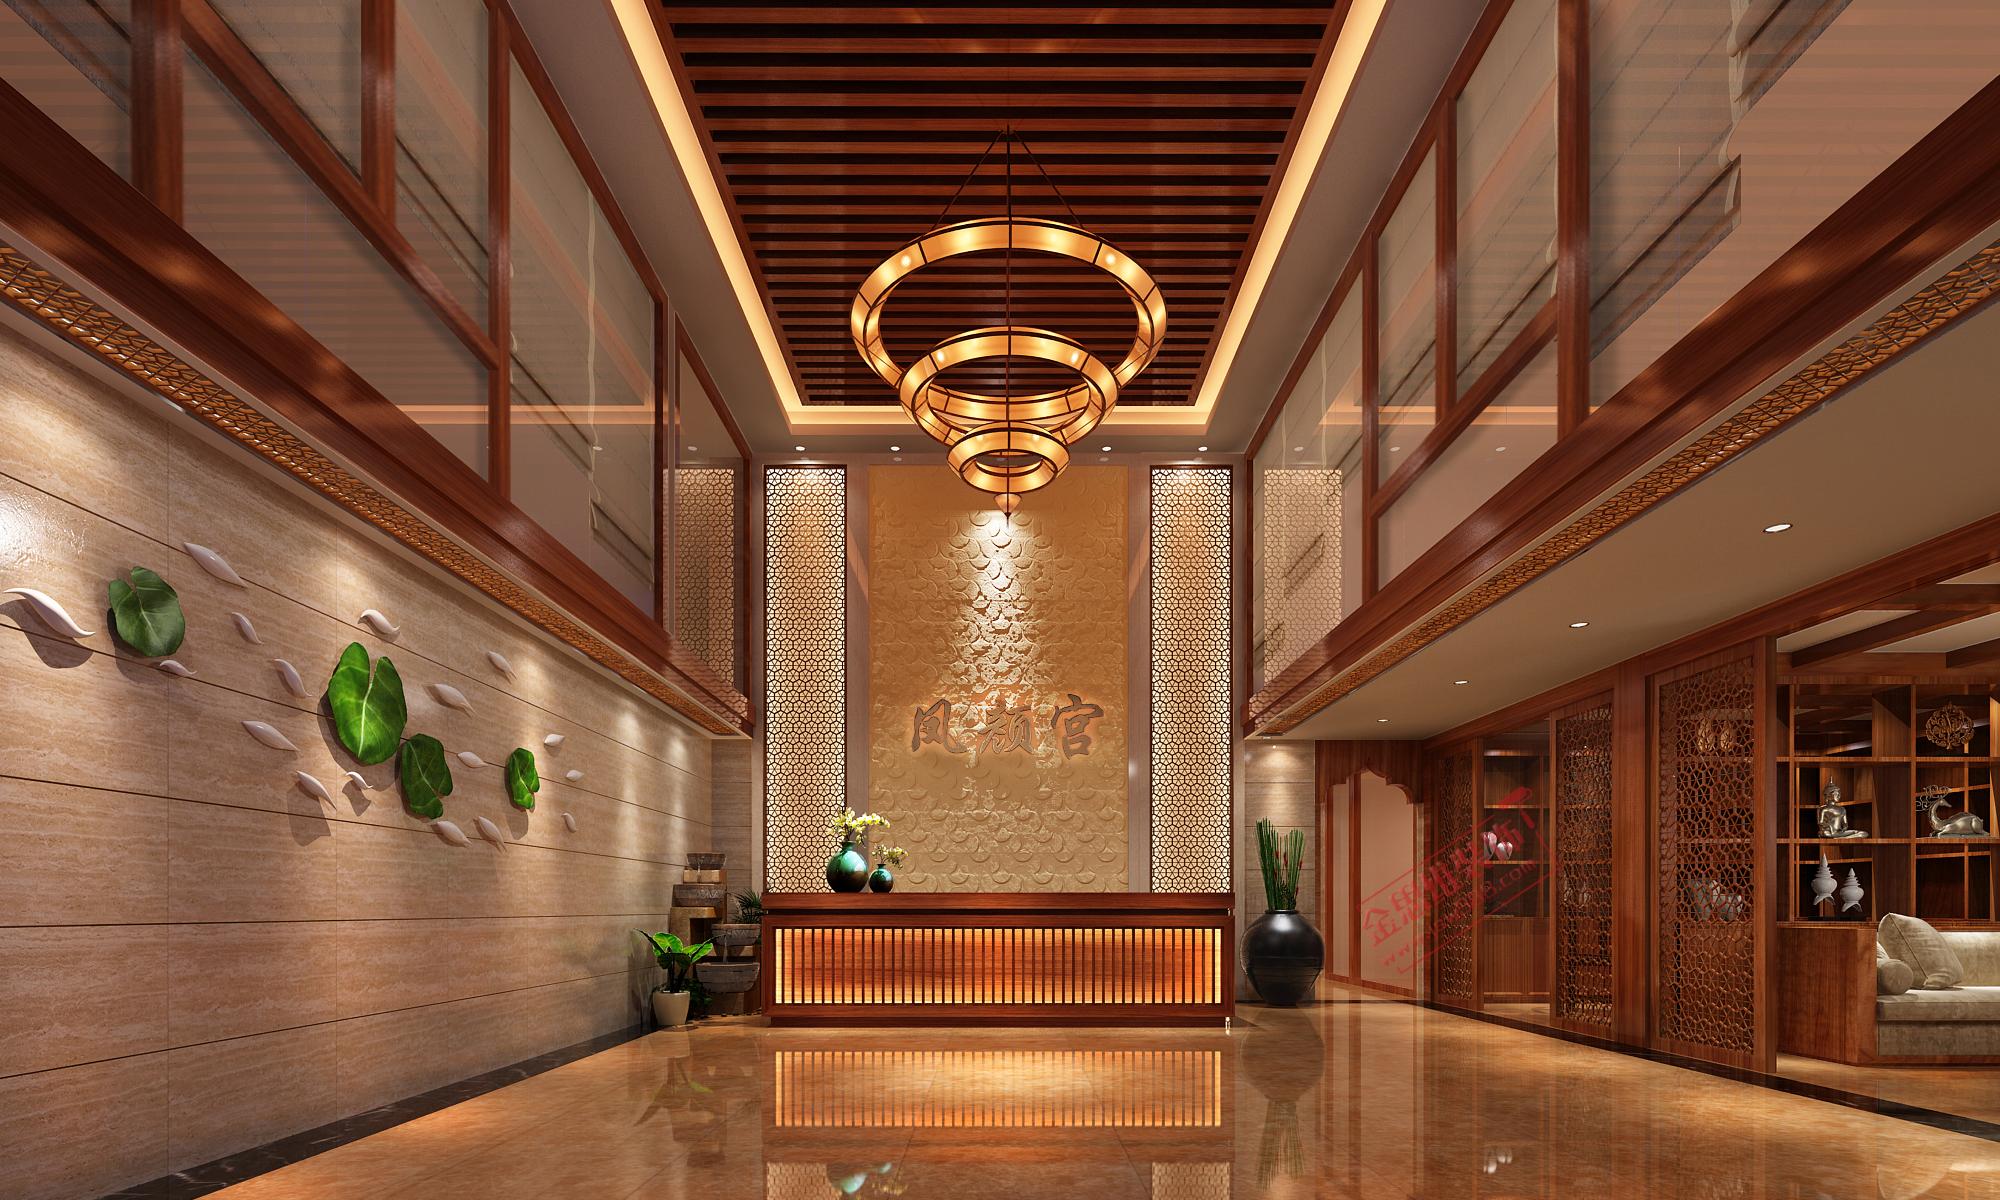 廣州鳳凰城鳳顏宮美容院大廳裝修設計效果圖圖片